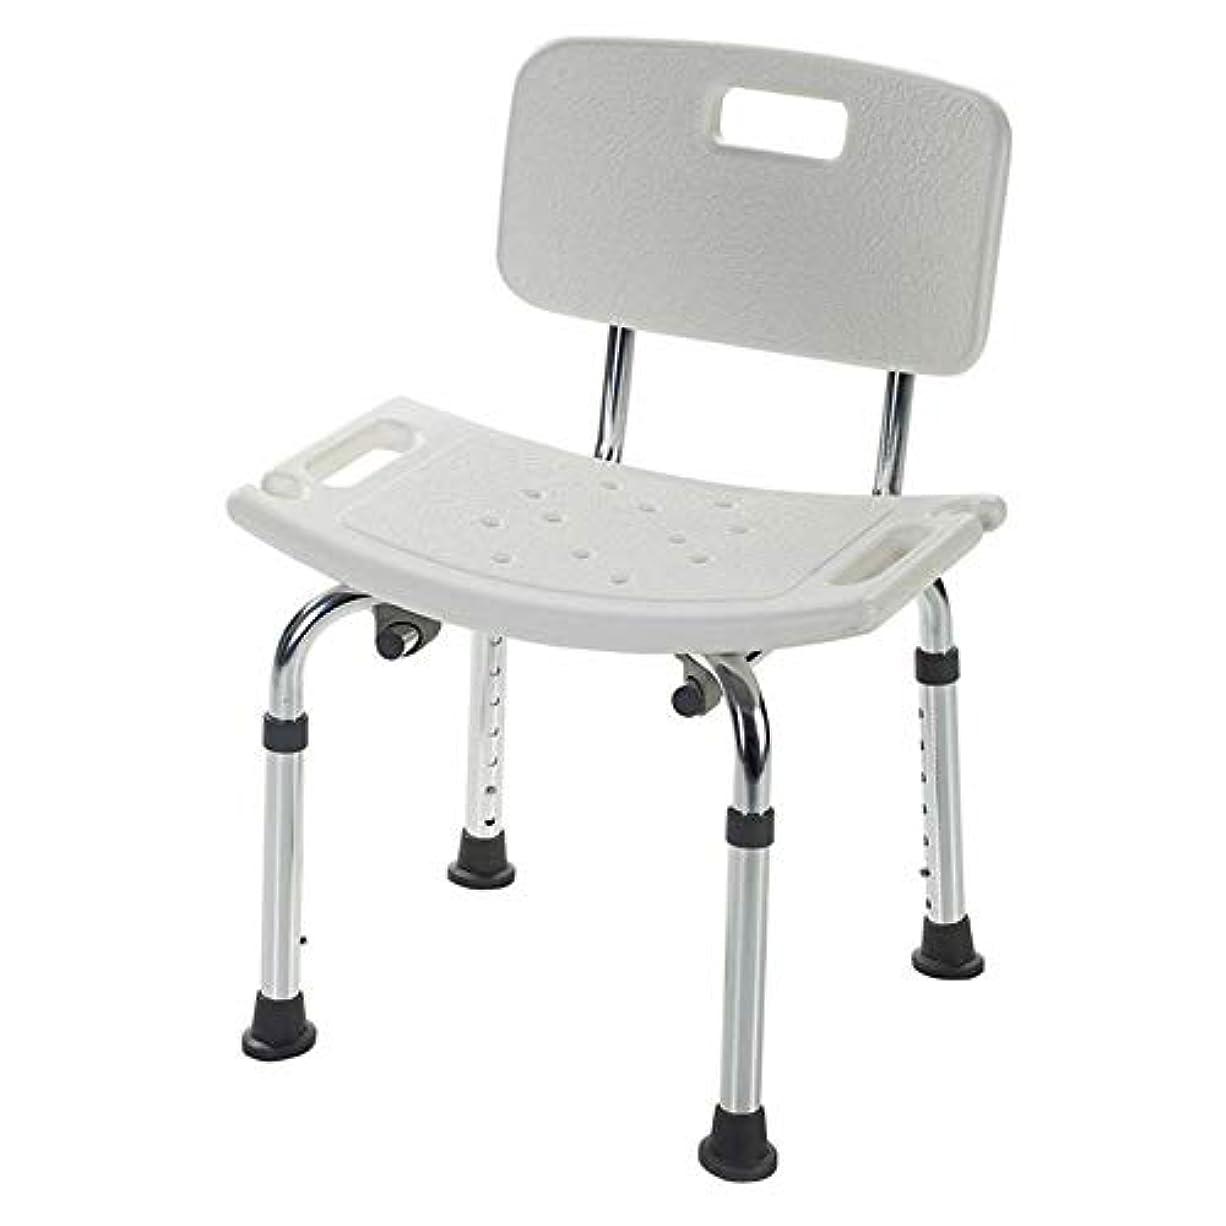 バスシートベンチシャワースツールシャワーチェア、背もたれ付きU字型シートプレート高さ調節可能な高齢者用入浴補助具